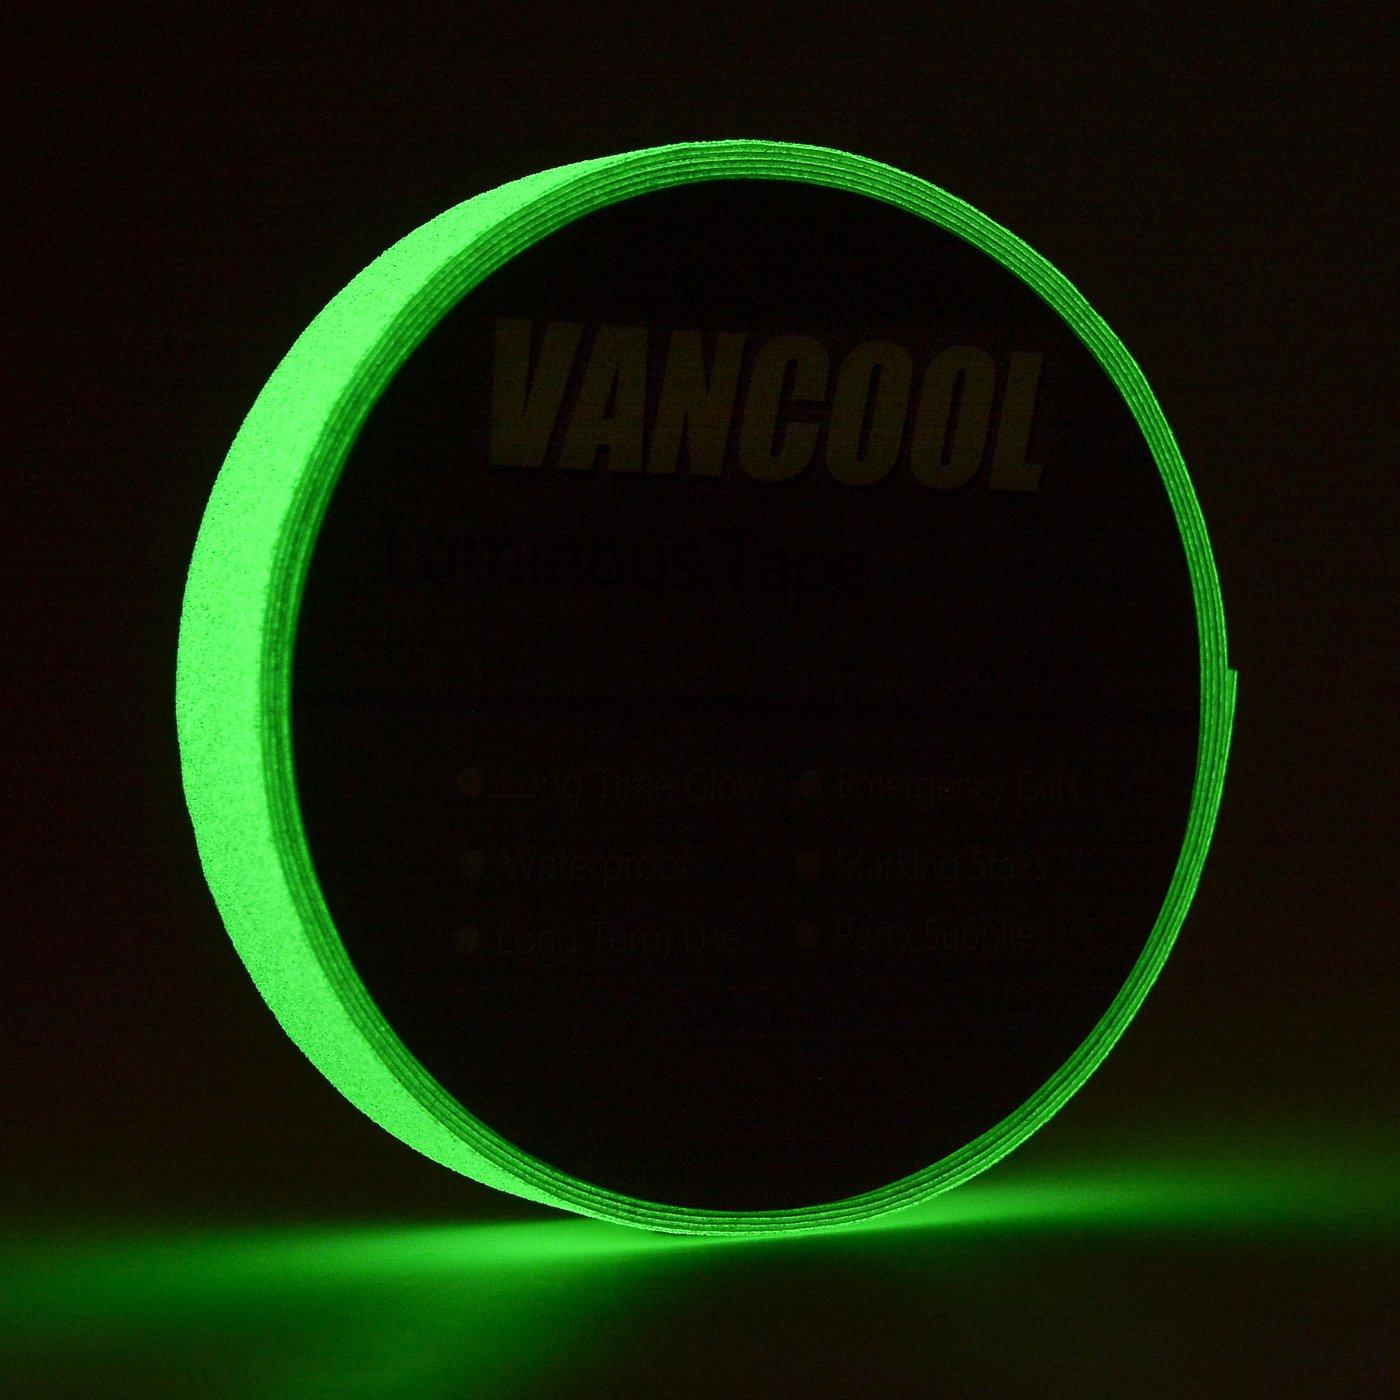 Vancool 25mm× 10m cinta fluorescente adhesiva Resplandor en la oscuridad Autoadhesivo Rollo de emergencia fluorescente,Largo tiempo resplandor, impermeable